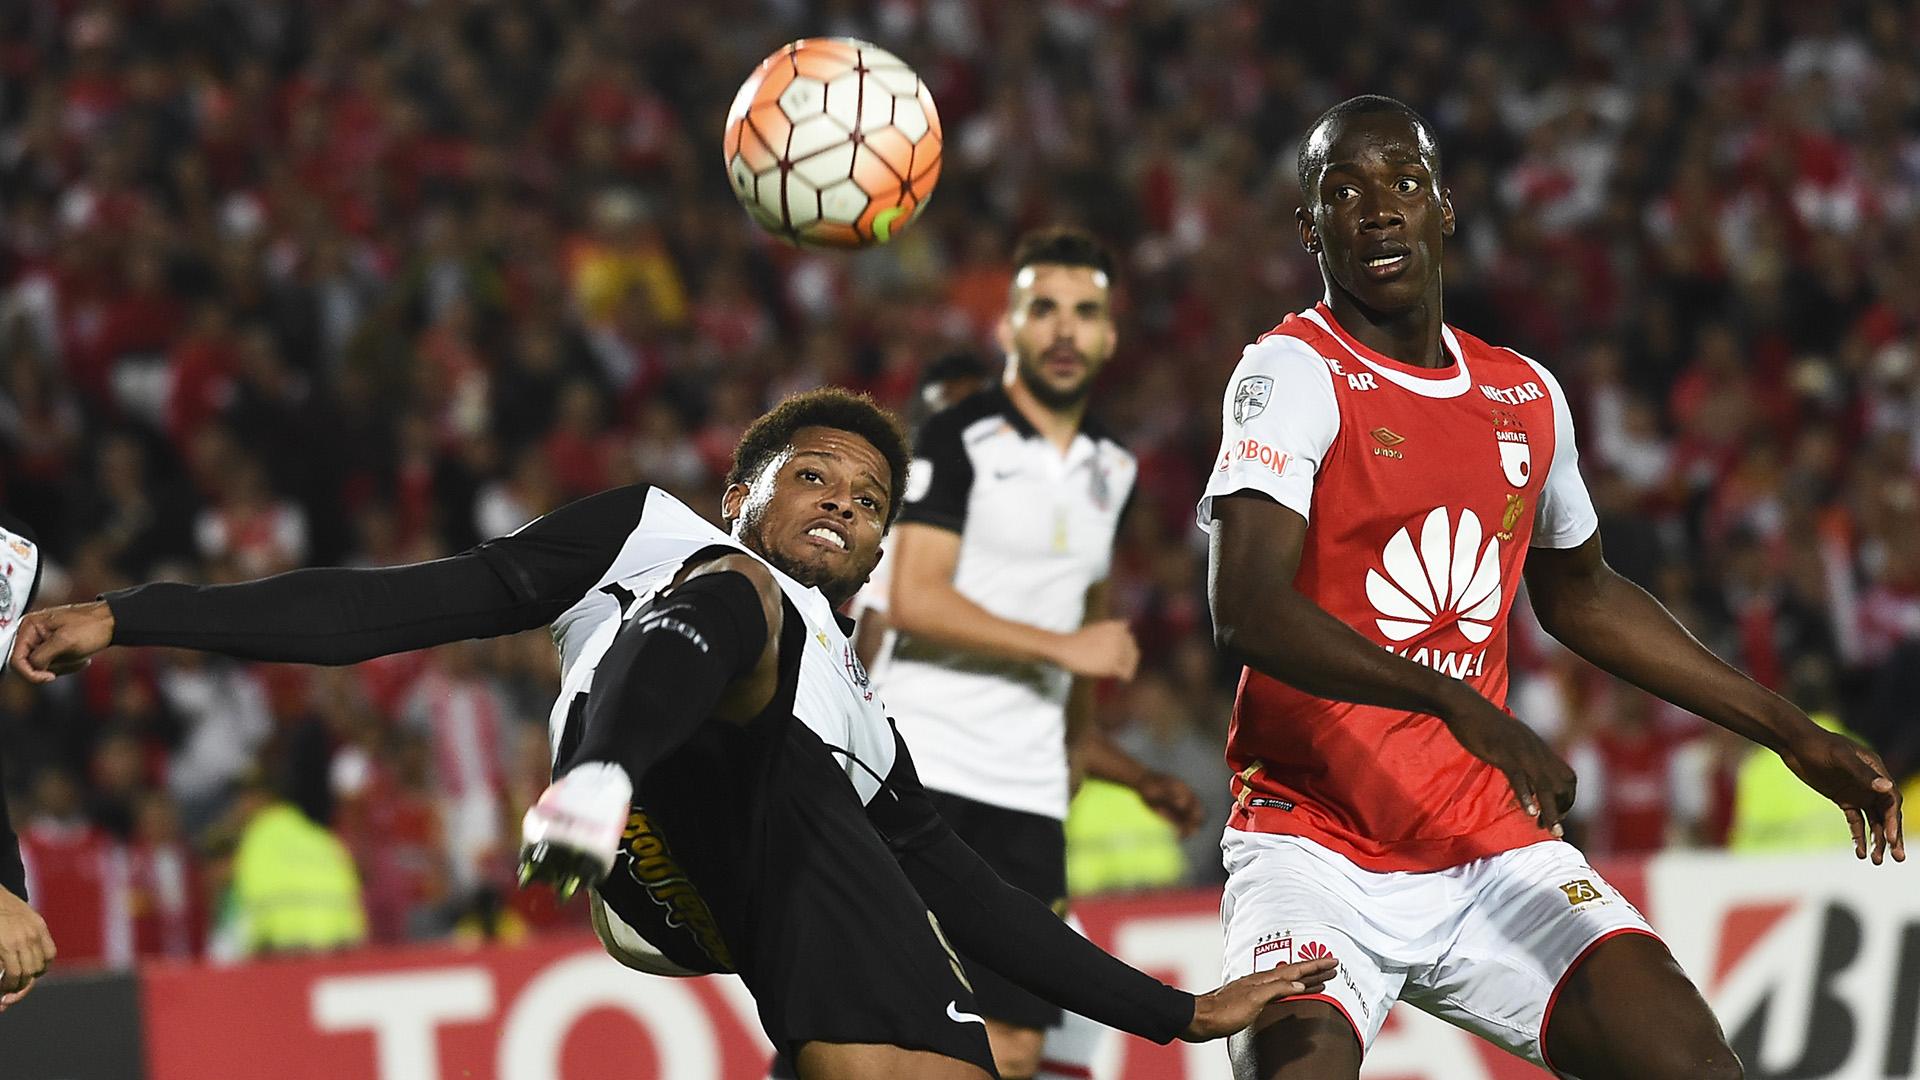 Baldomero Perlaza André Ribeiro Santa Fe Corinthians Copa Libertadores 04062016